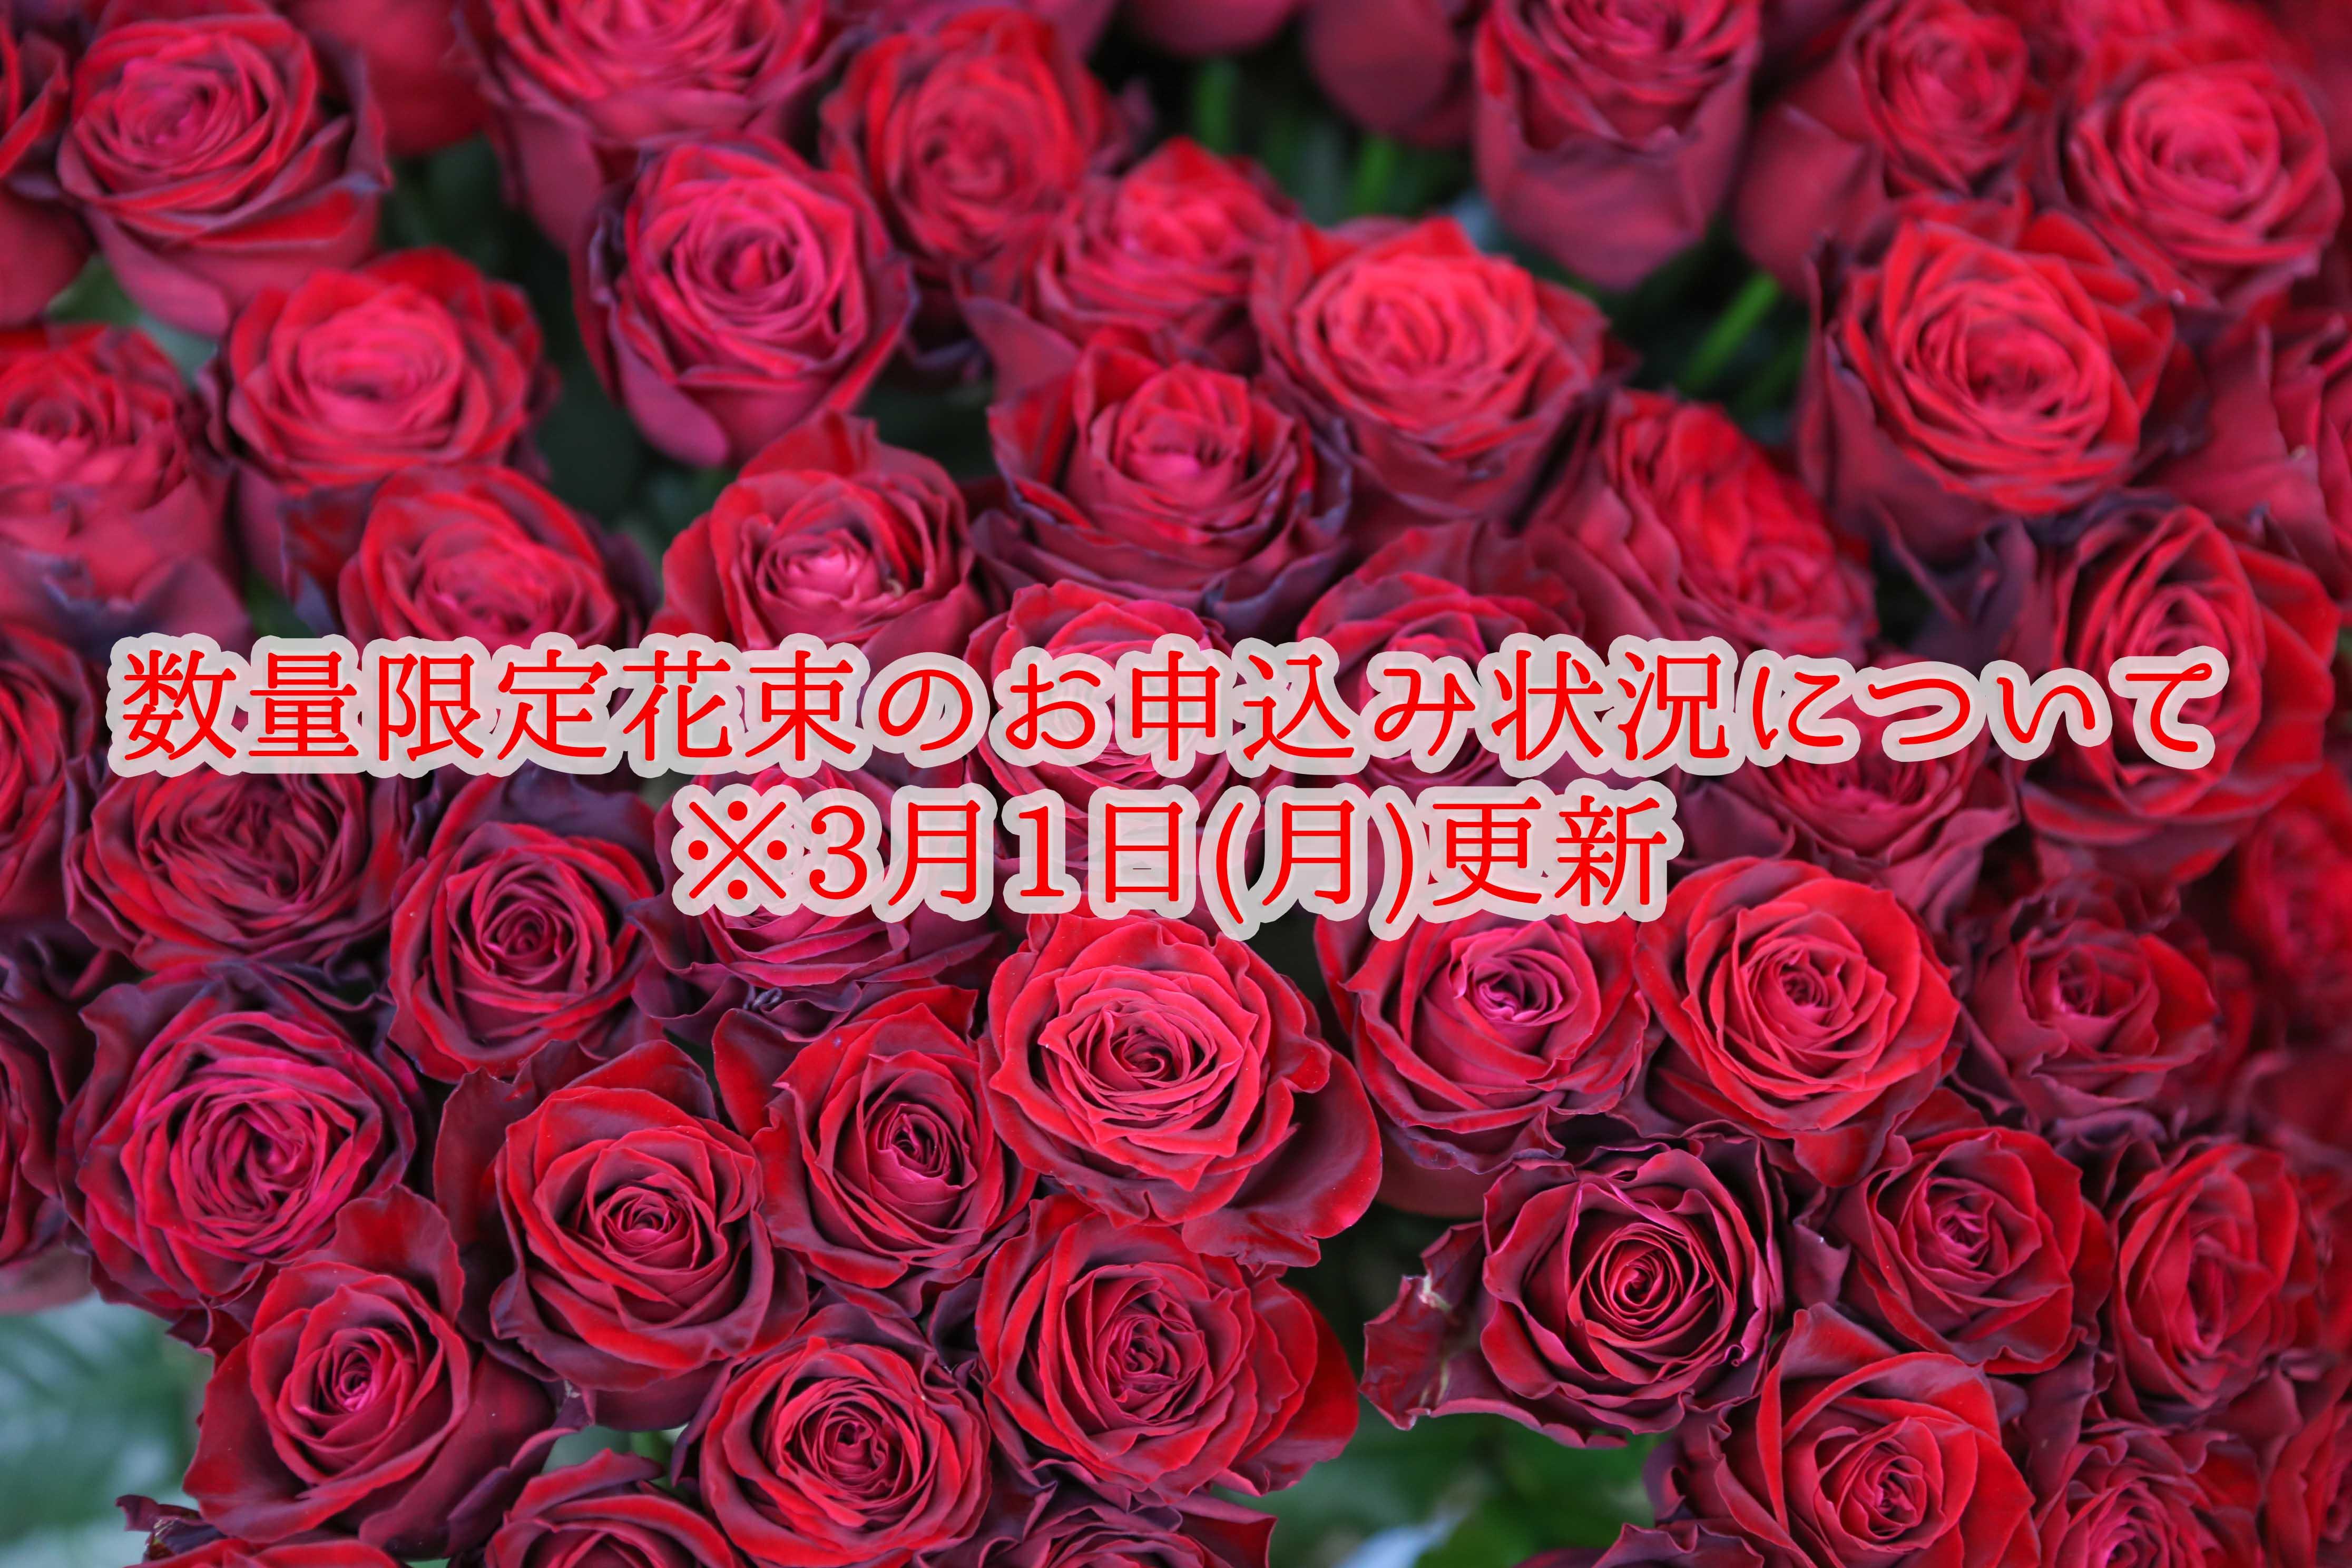 【3月1日(月)更新】 ◇数量限定花束のお申込み状況について◇